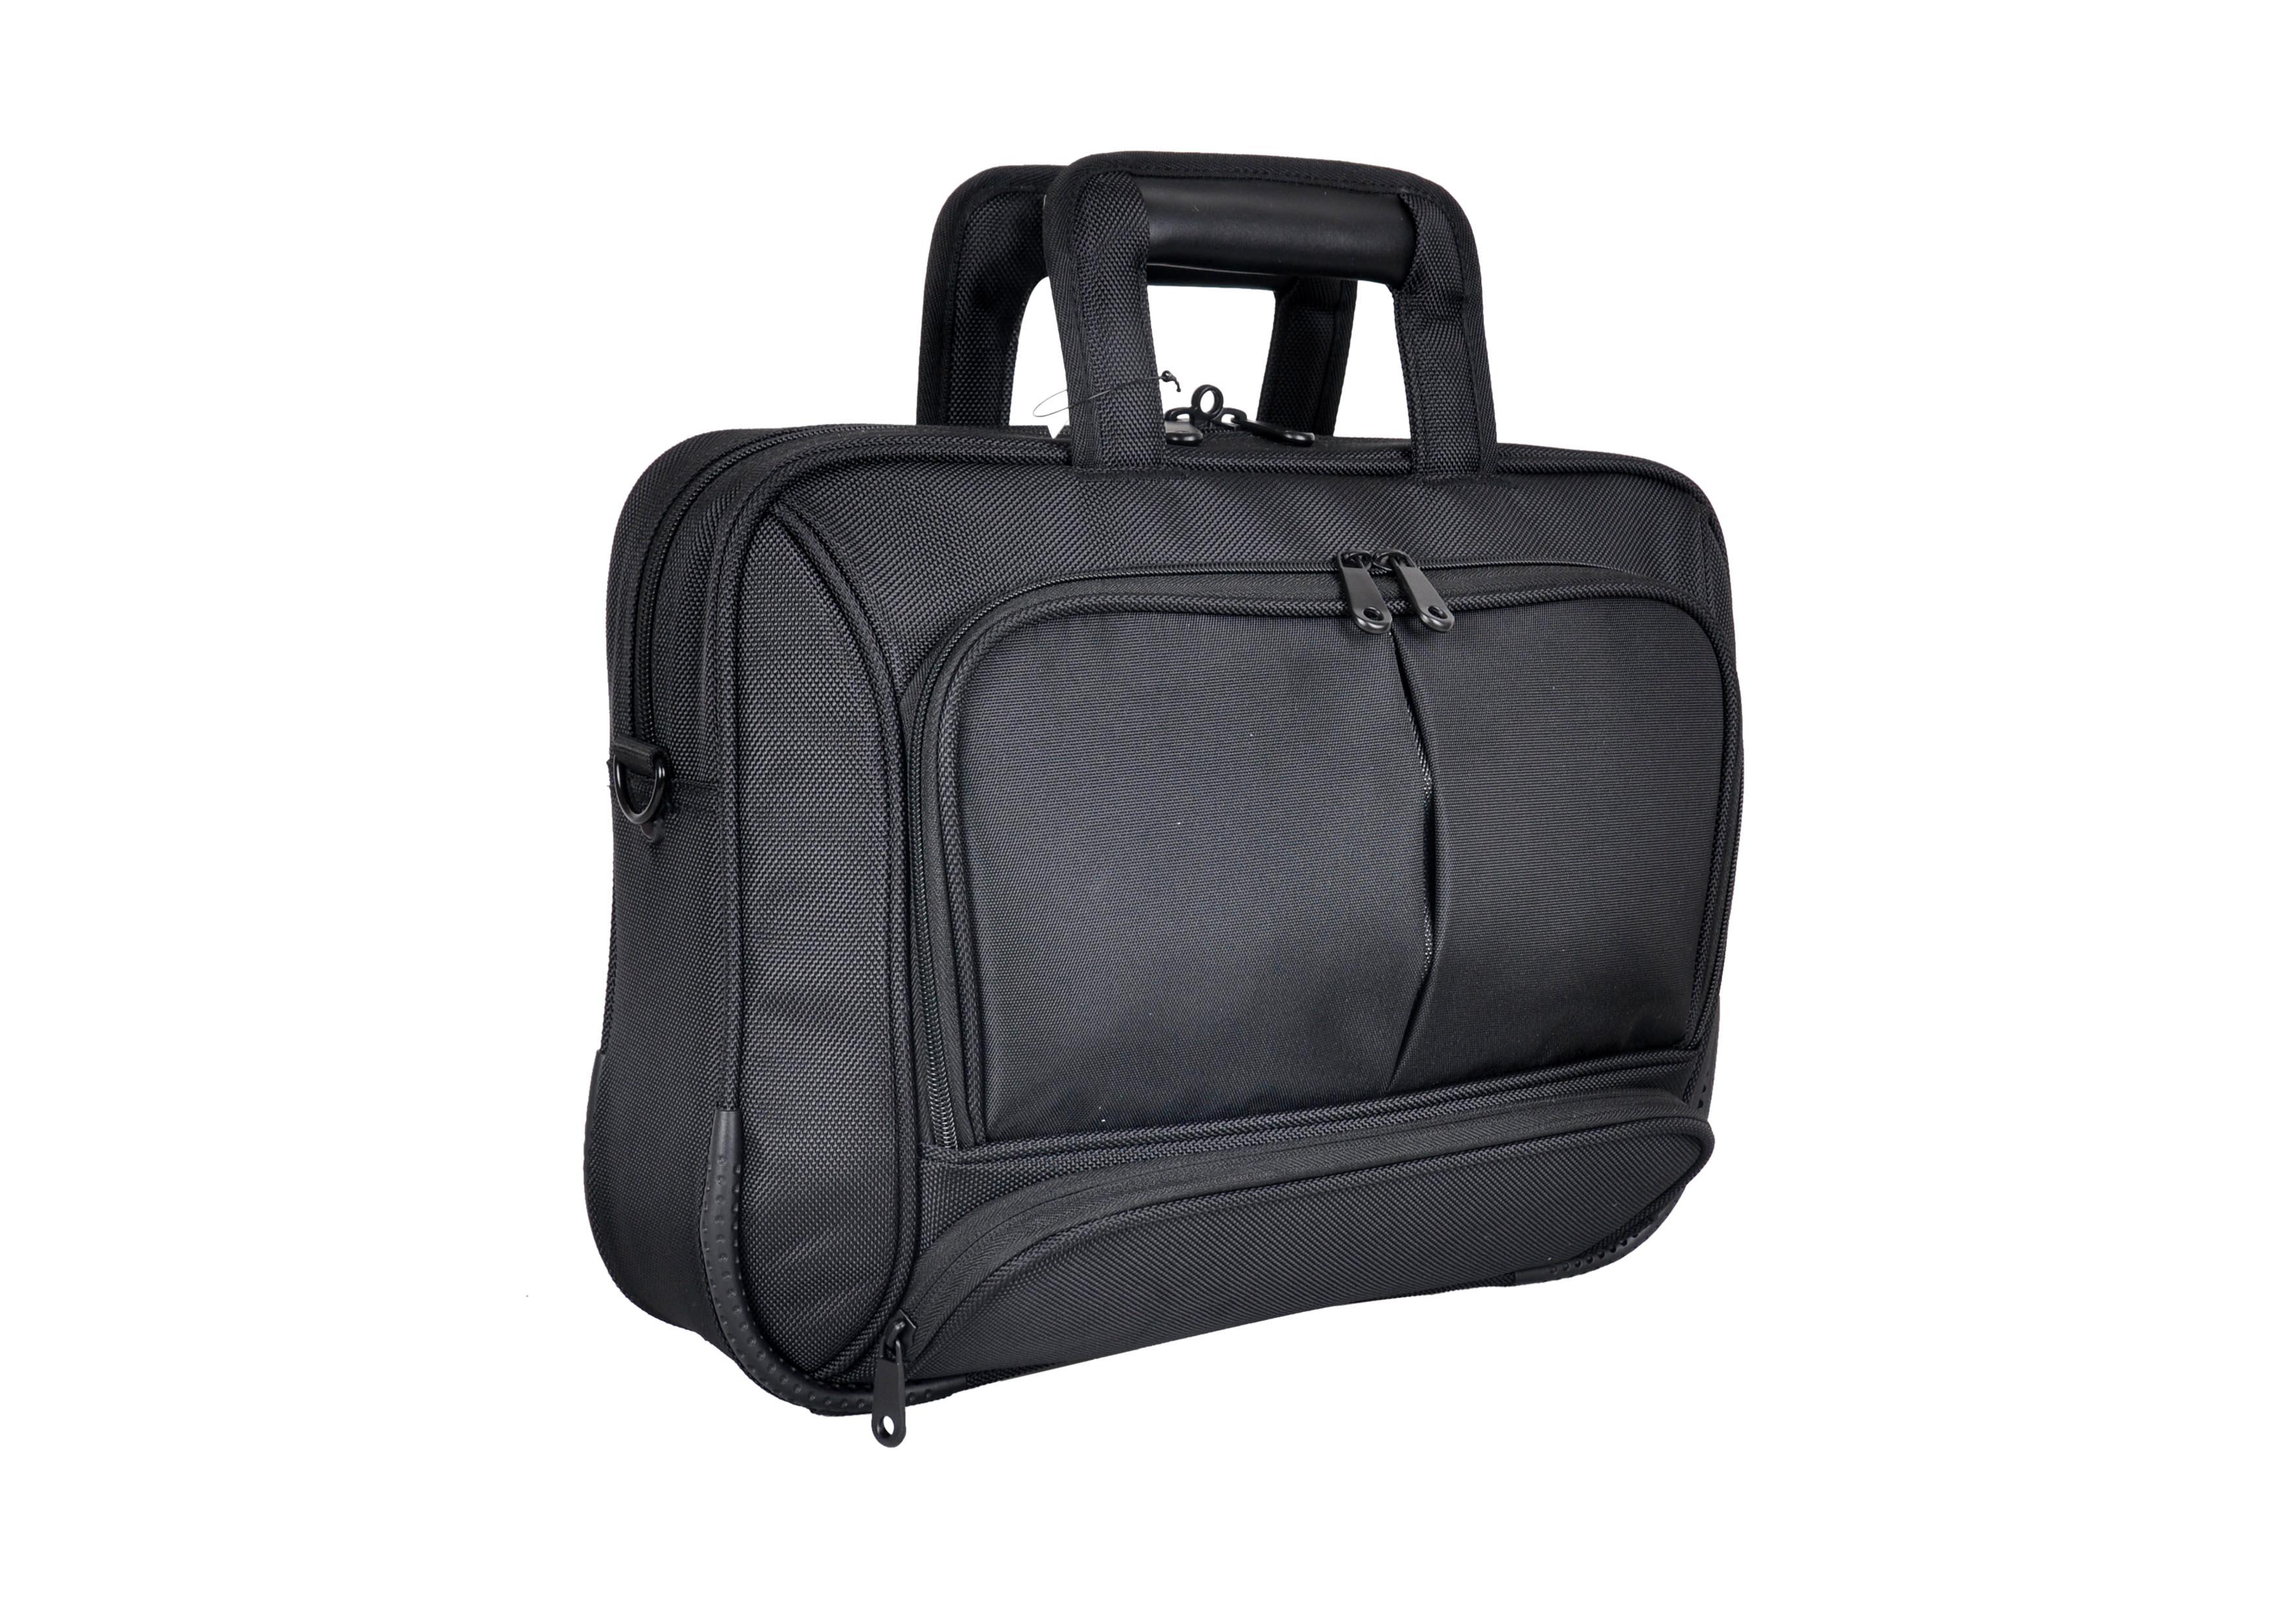 VTG-424 Toploader Business bag 14